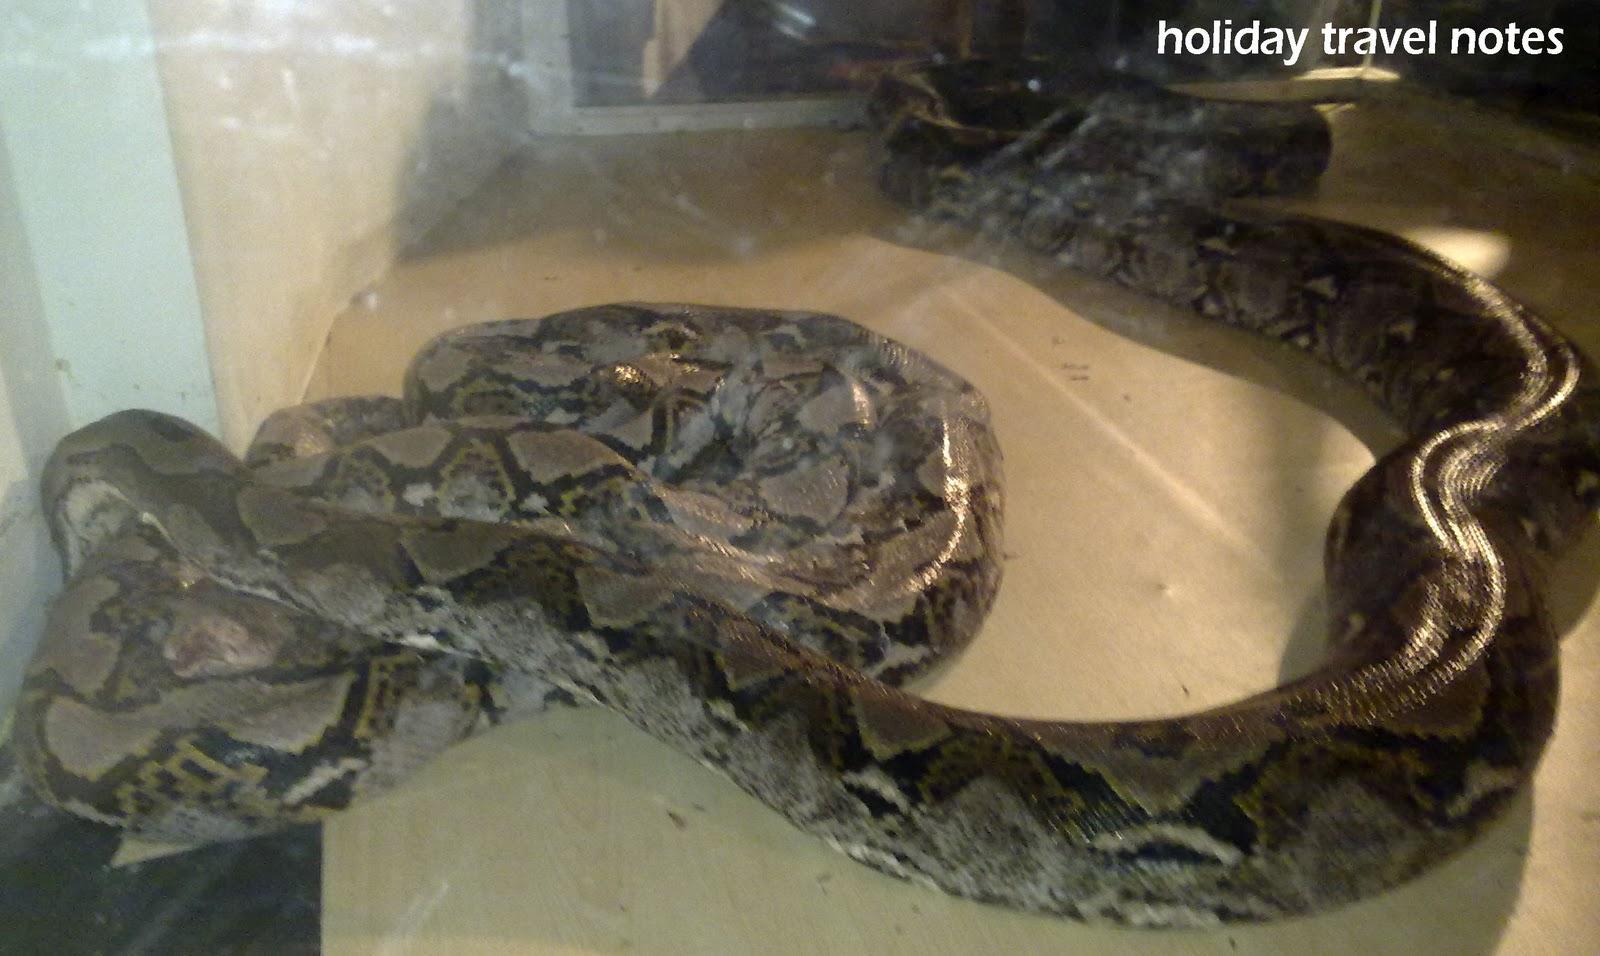 Holiday Travel Notes  Ular Vs Ular  Snake Vs Snake Exhibition